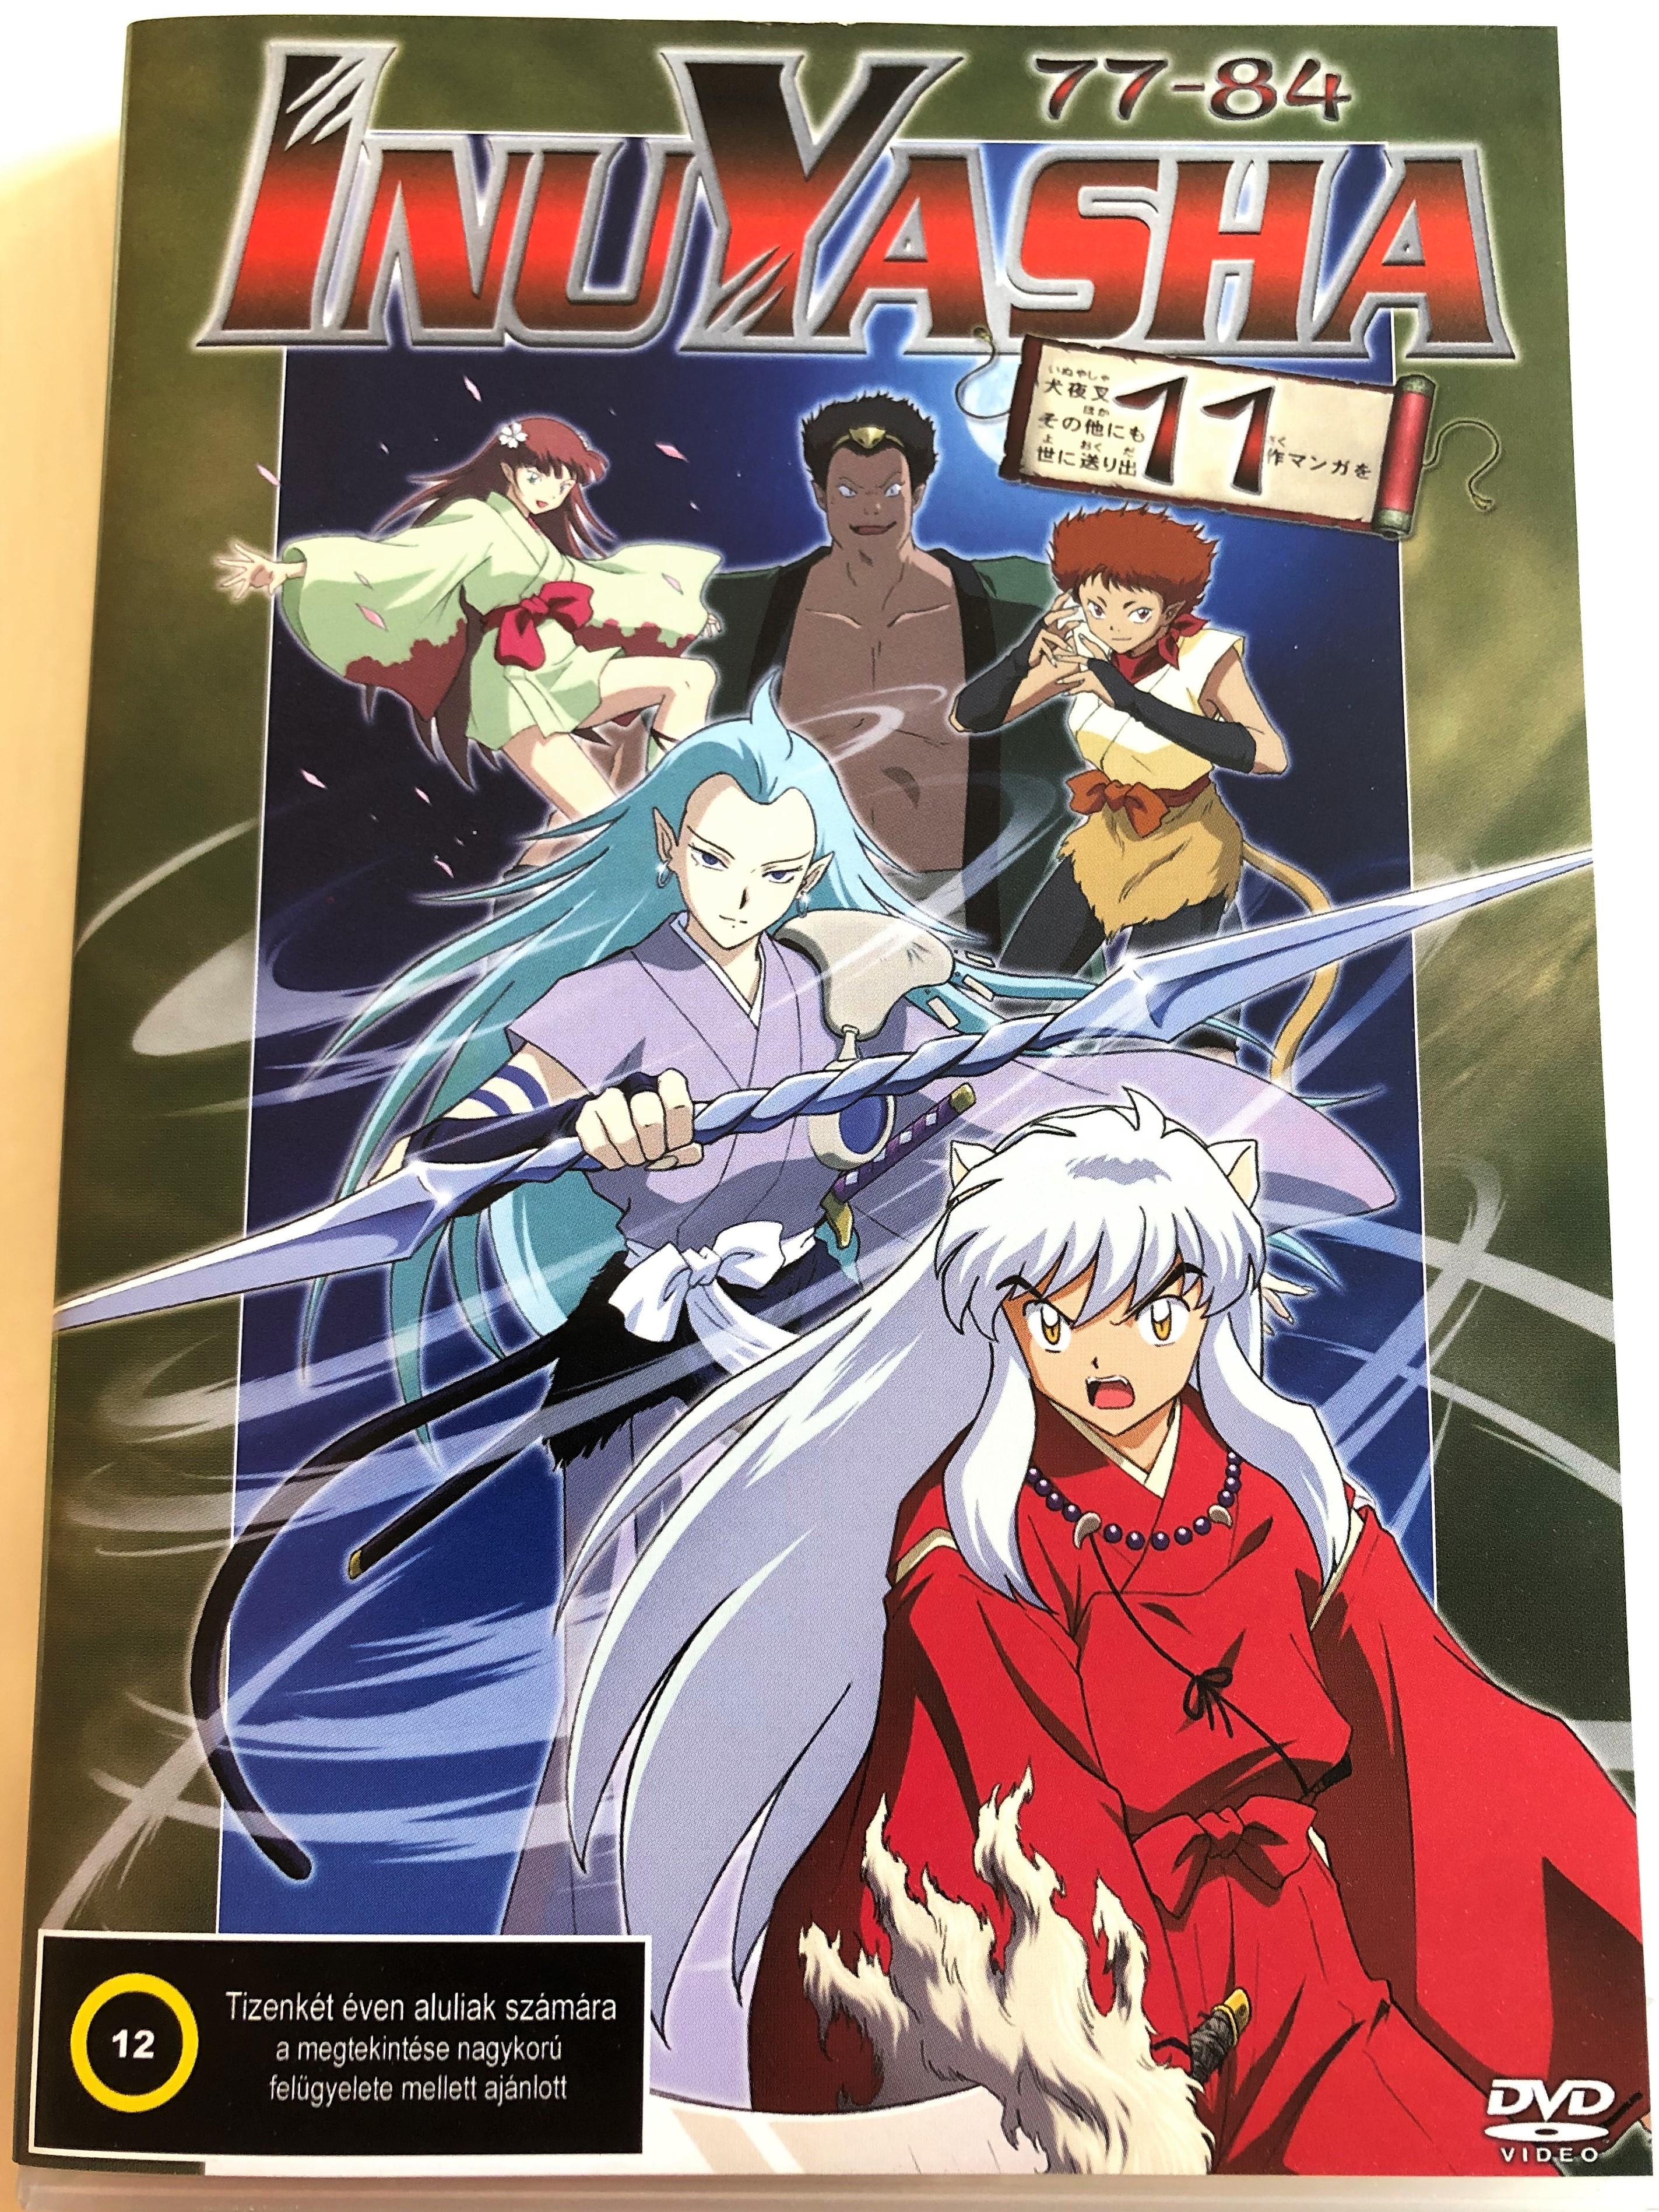 inuyasha-dvd-11-77-84-epiz-dok-inuyasha-dvd-11-episodes-77-84-1-.jpg